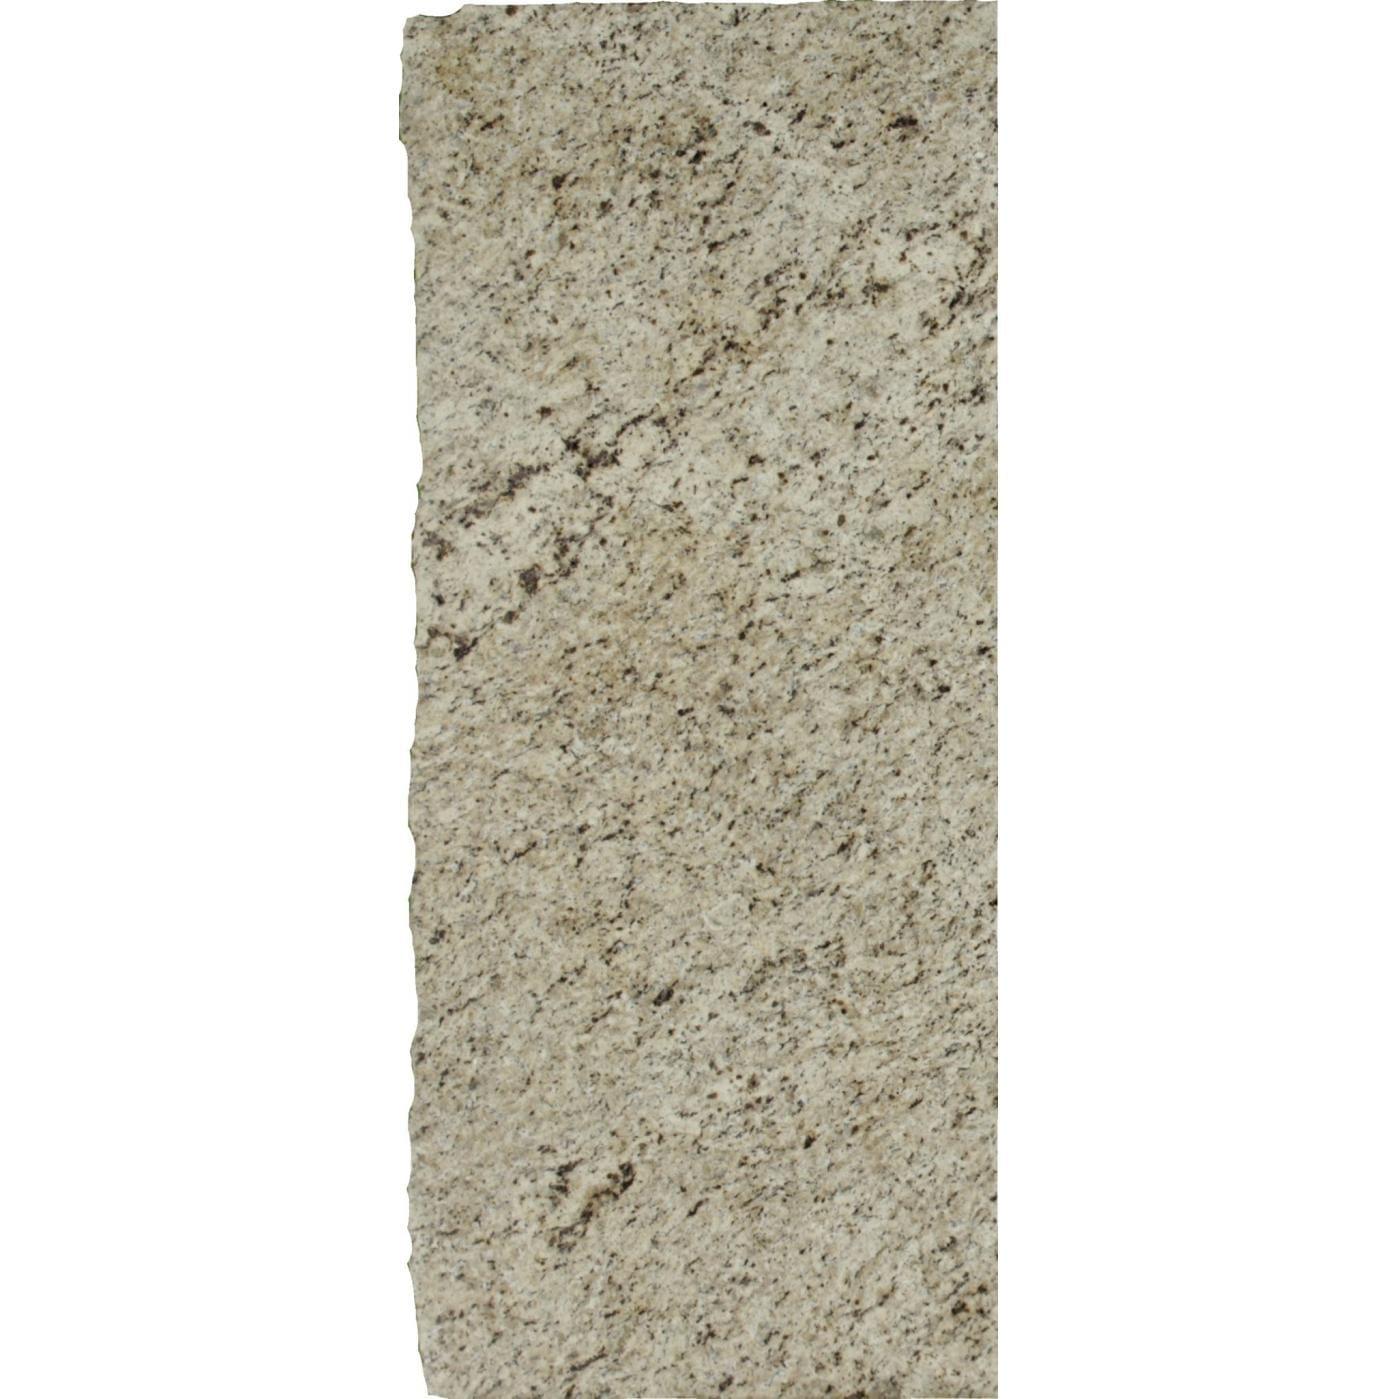 Image for Granite 25792-1: Giallo Ornamental